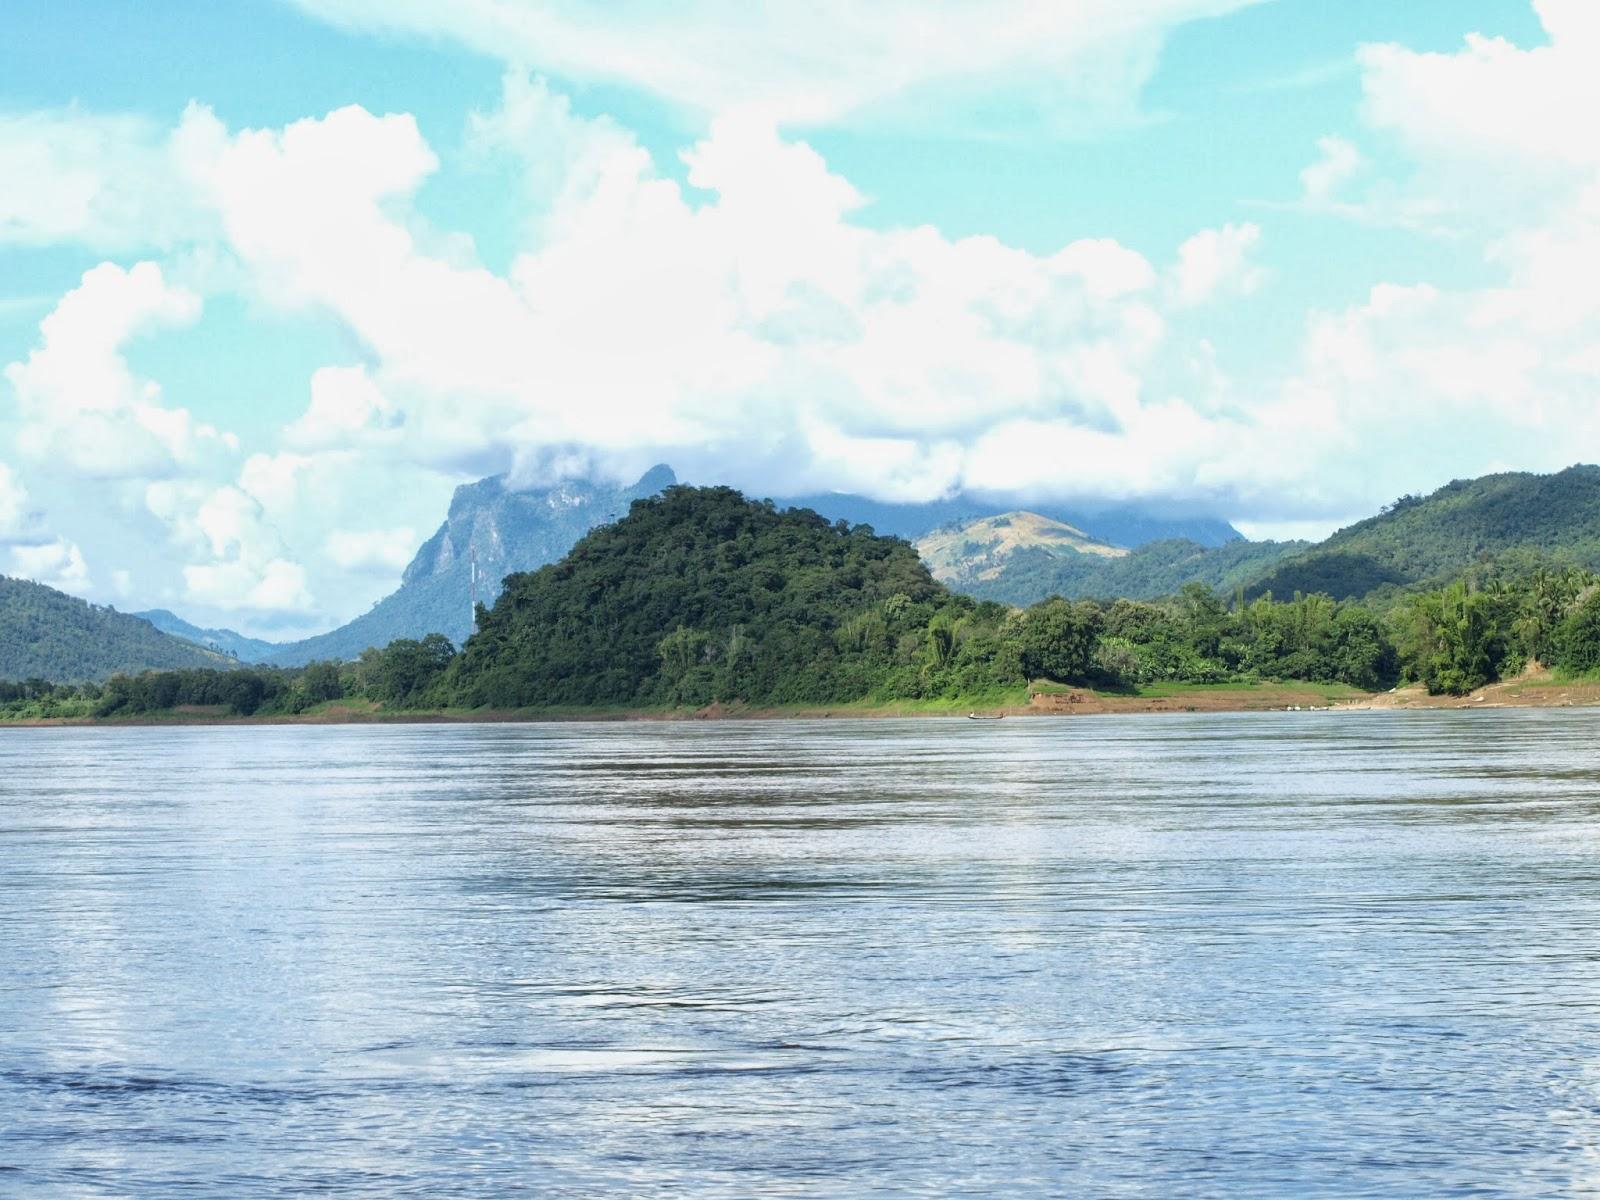 Rio Mekong, Maior Rio do Sudeste Asiático